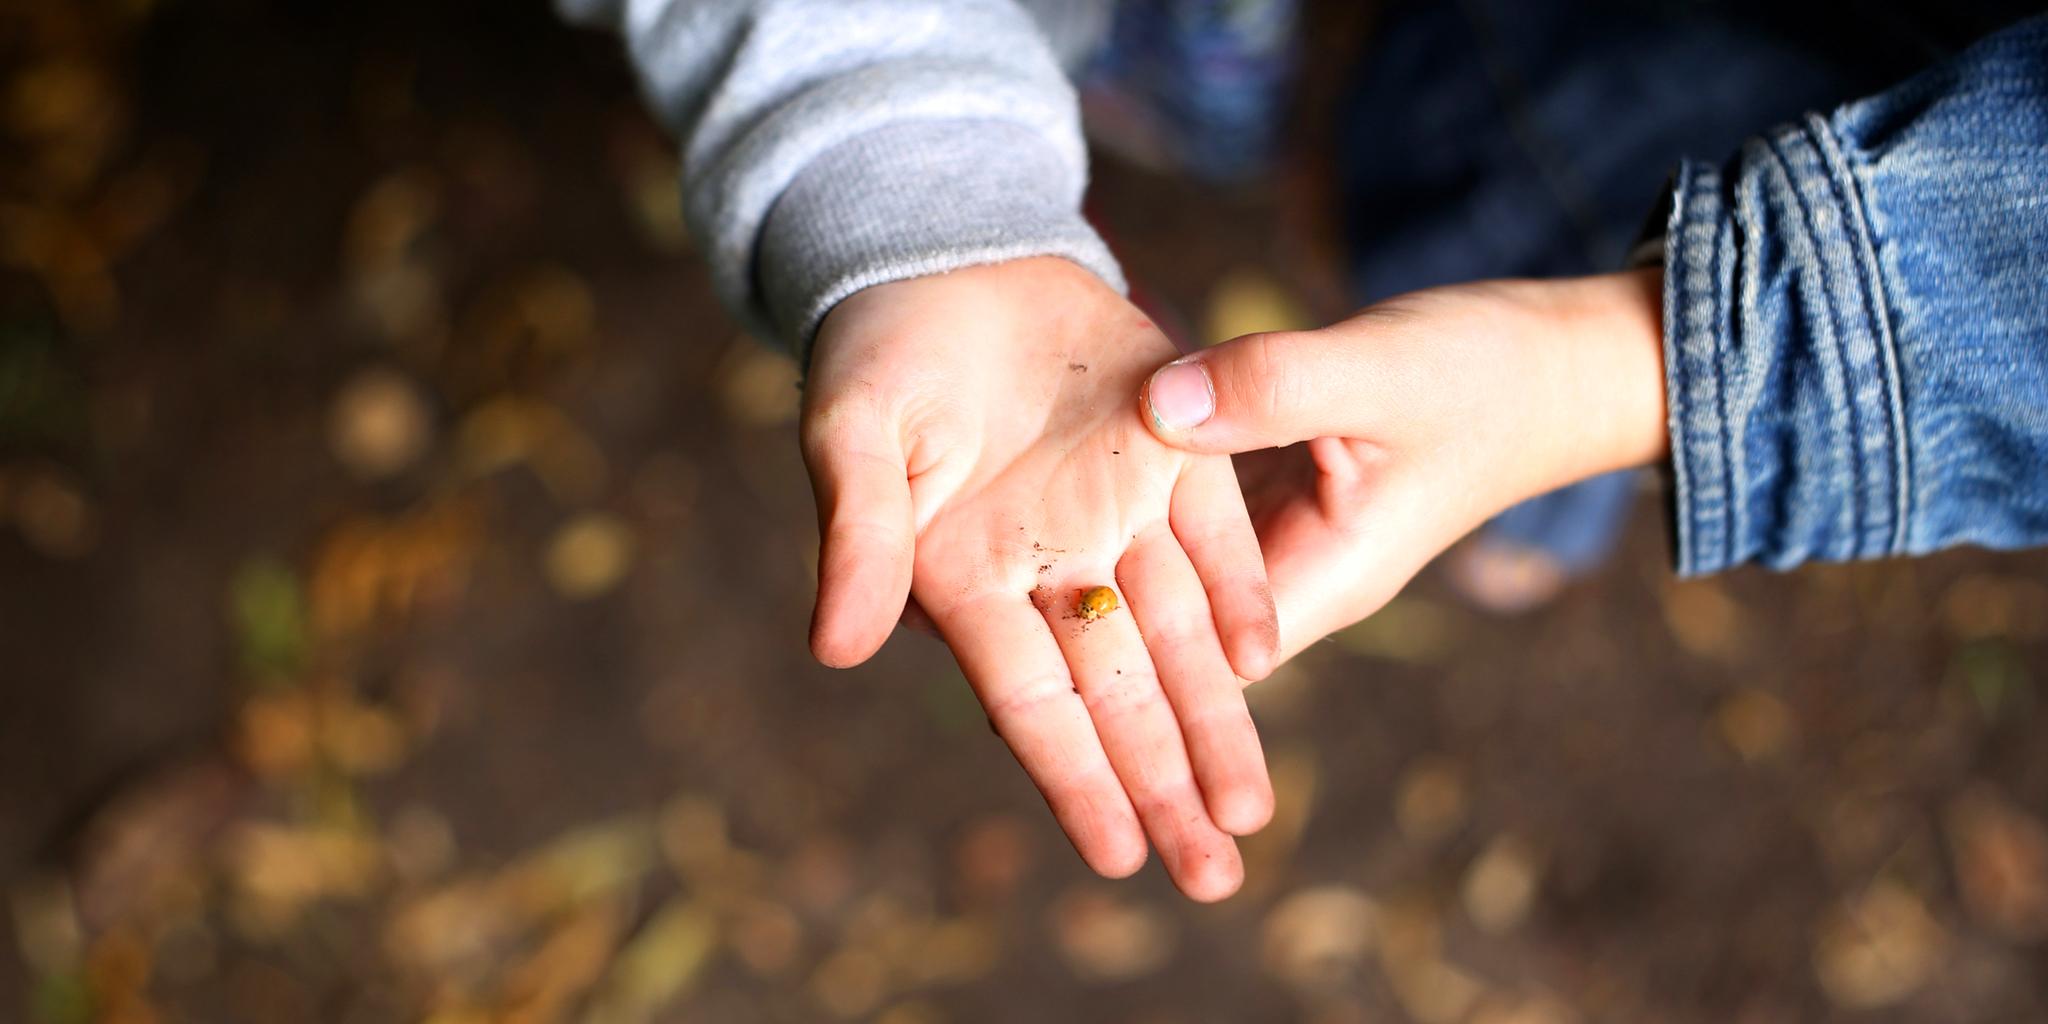 Kinderhand zeigt Marienkäfer